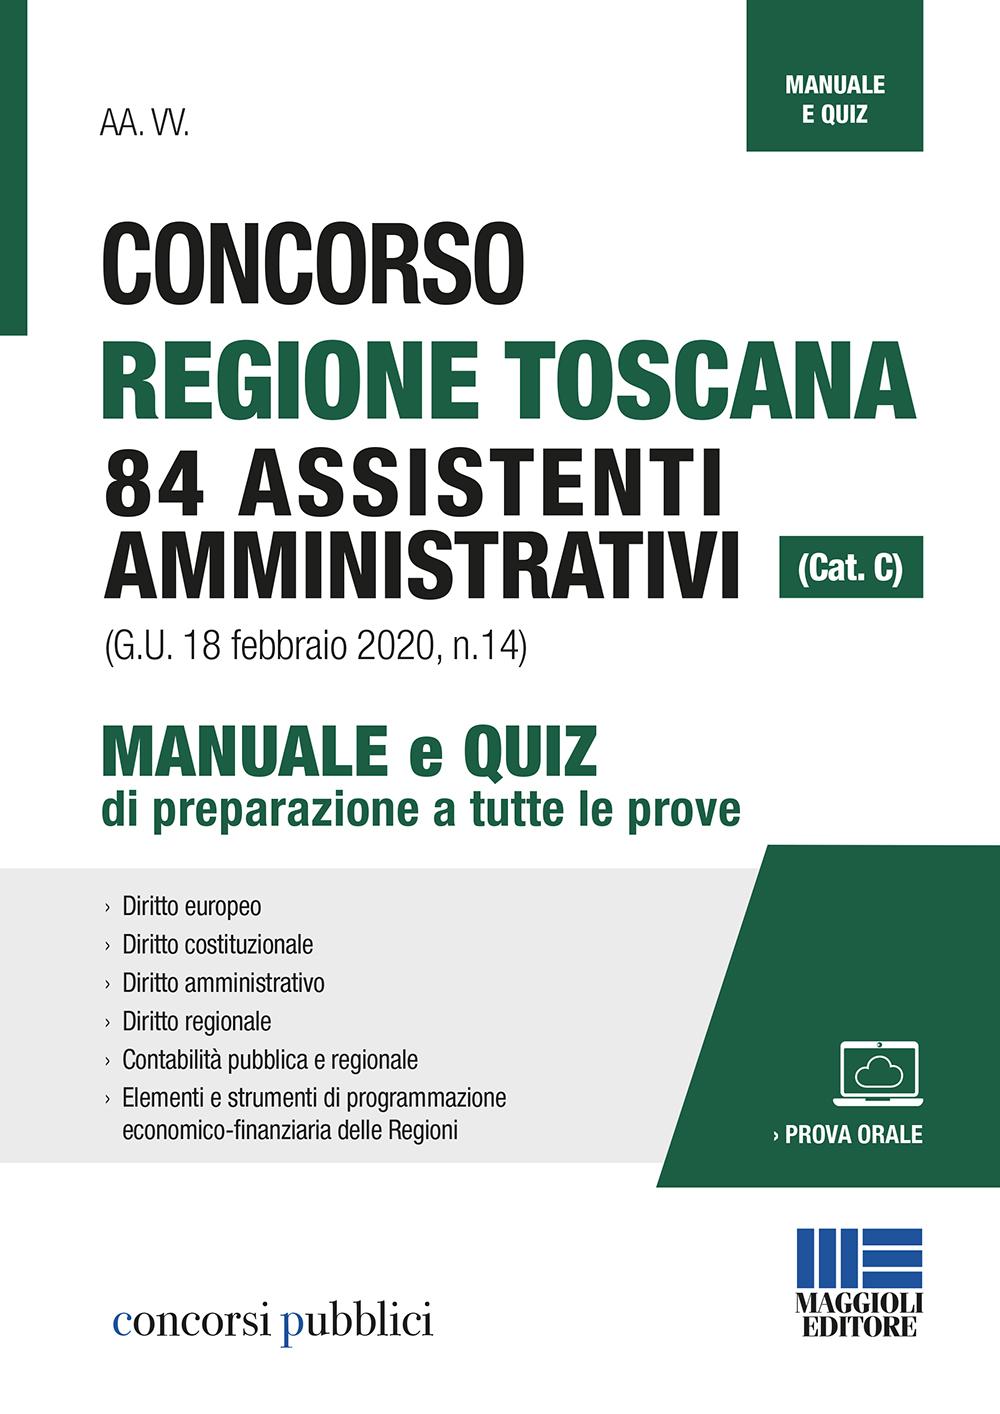 Concorso Regione Toscana 84 Assistenti amministrativi